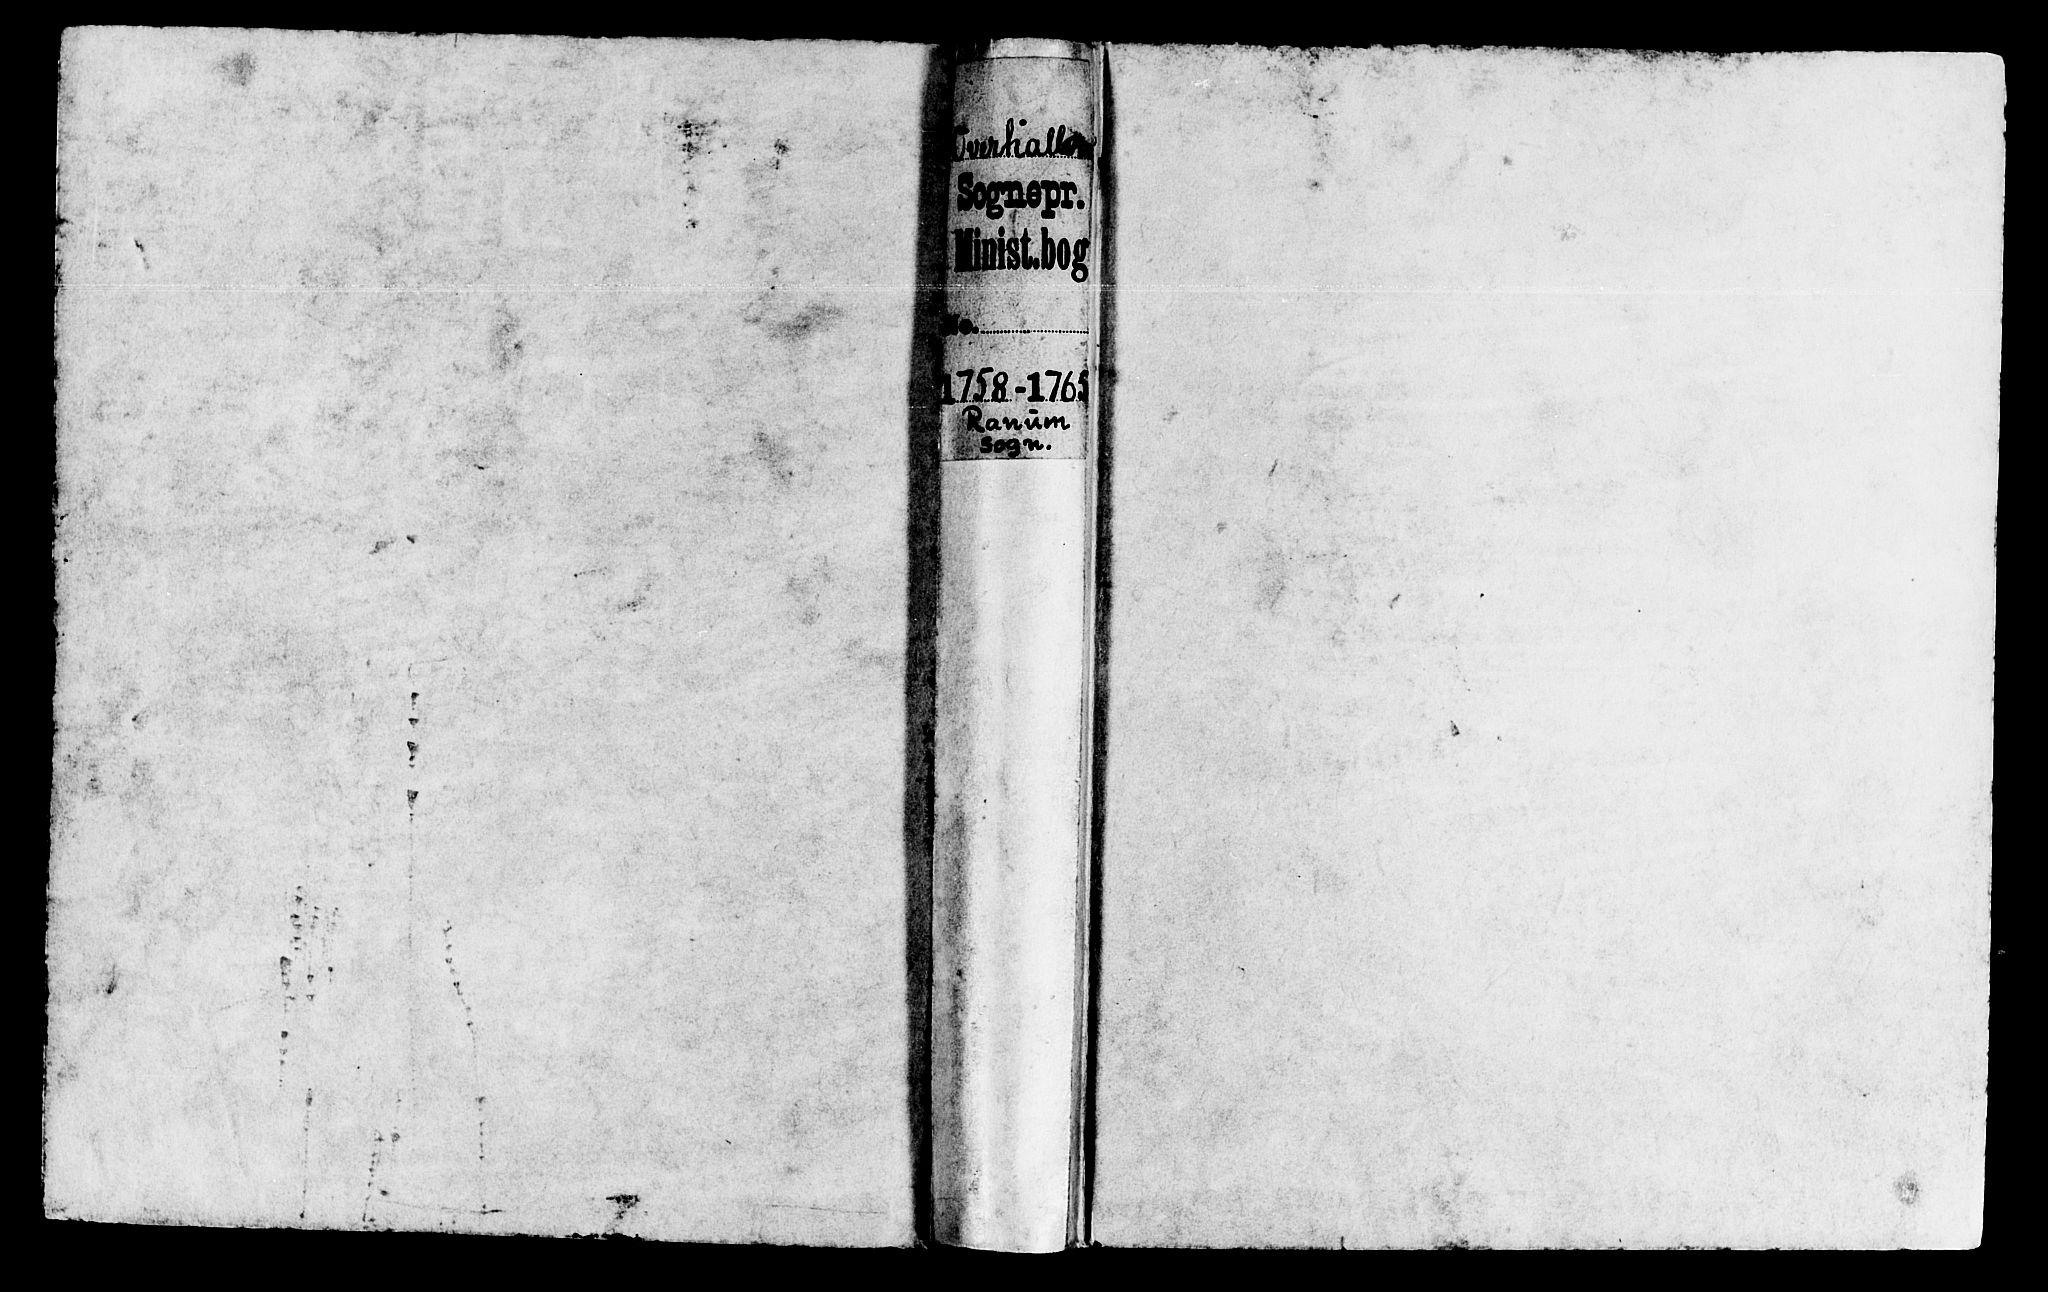 SAT, Ministerialprotokoller, klokkerbøker og fødselsregistre - Nord-Trøndelag, 764/L0543: Ministerialbok nr. 764A03, 1758-1765